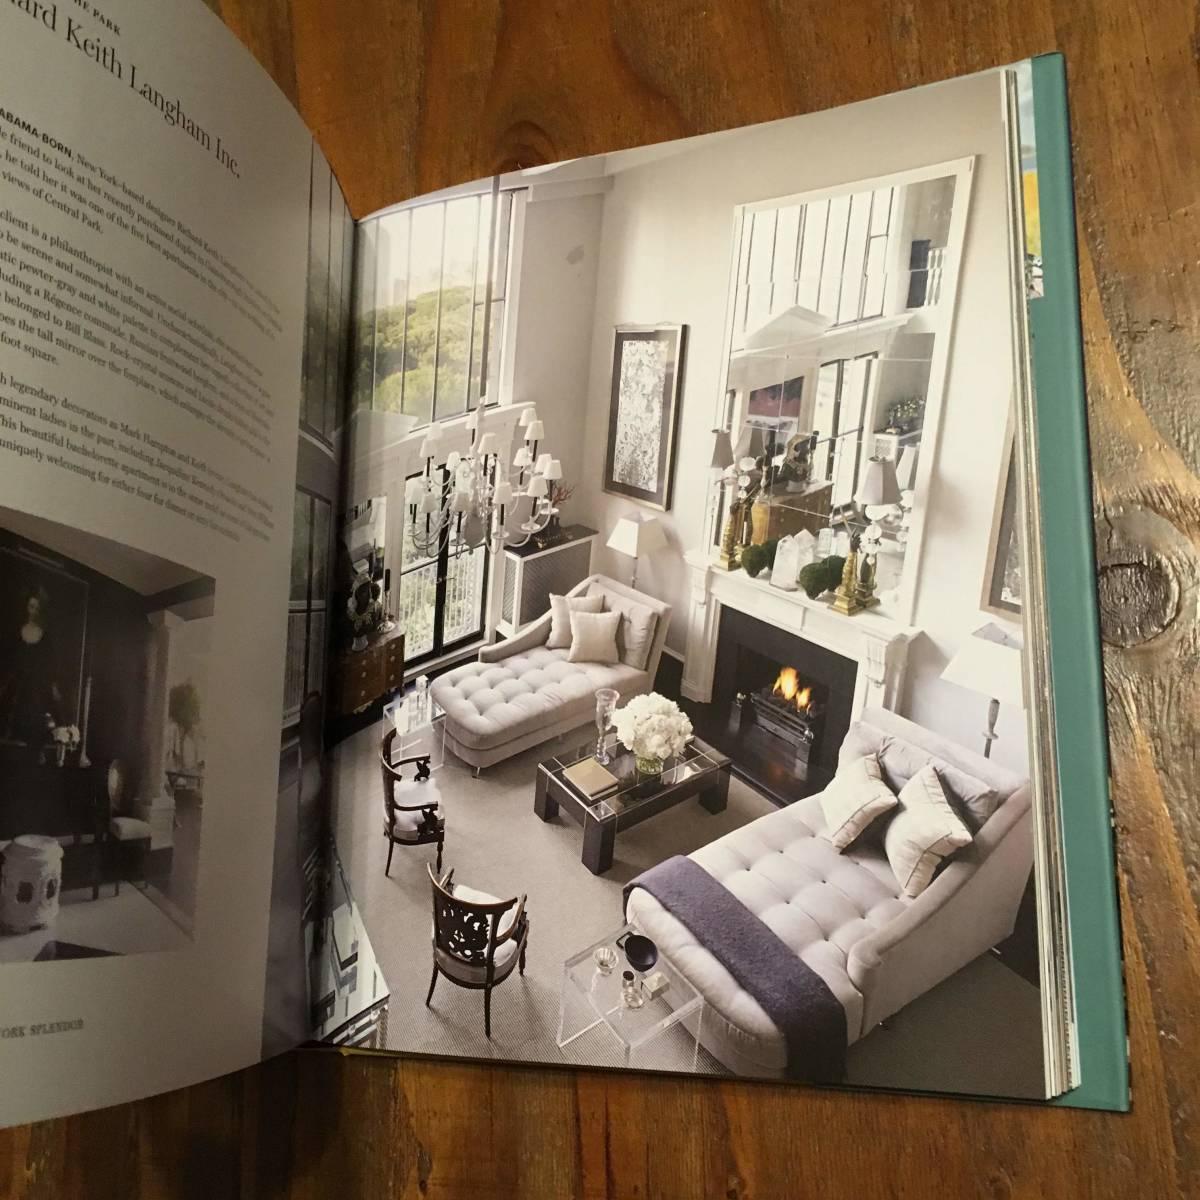 2018年 New York Splendor The City's Most Memorable Rooms Wendy Moonan Robert A.M Stern Rizzoli ニューヨーク luxury 部屋 デザイン_画像8